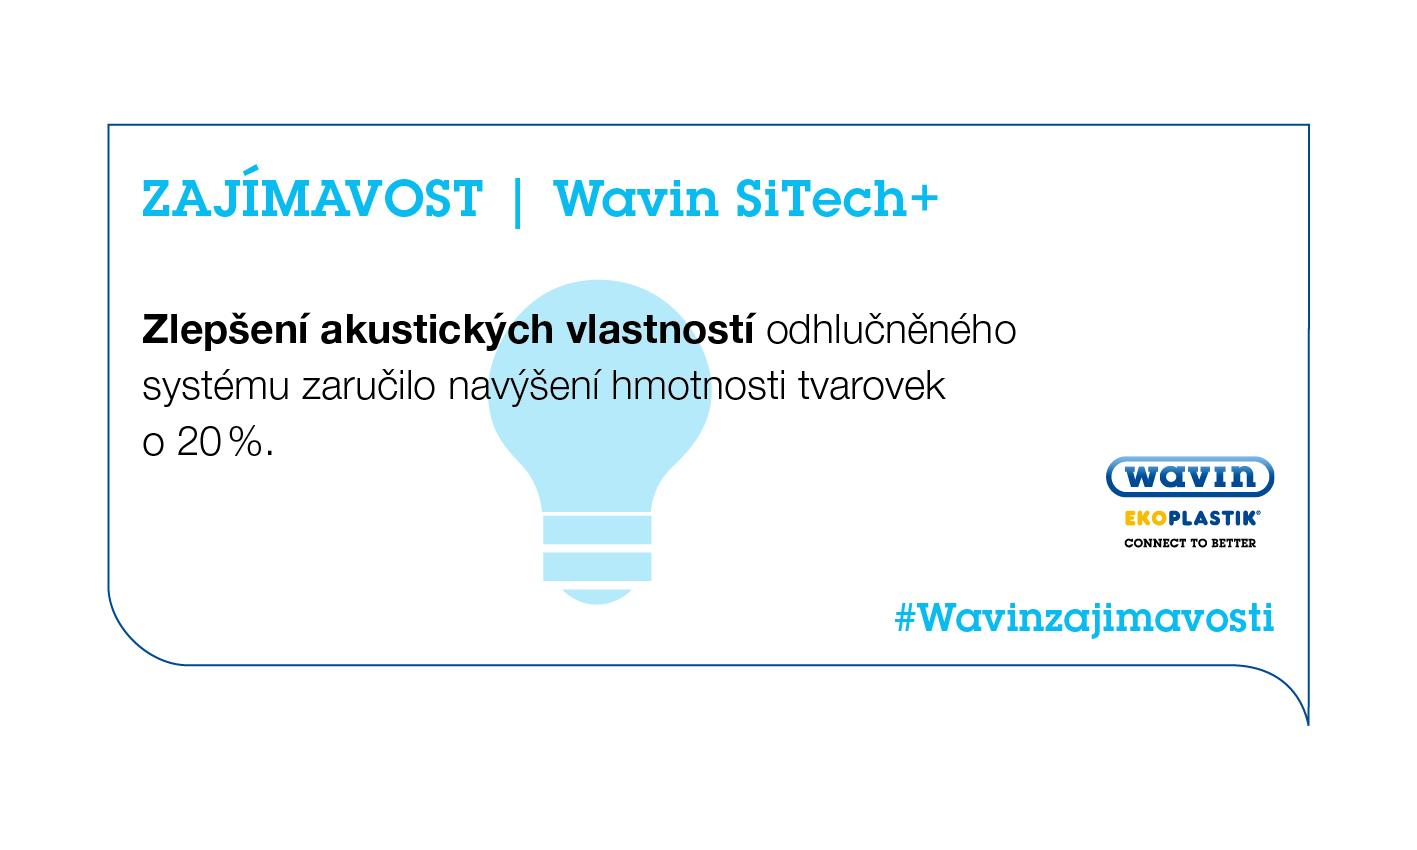 Wavin SiTech+